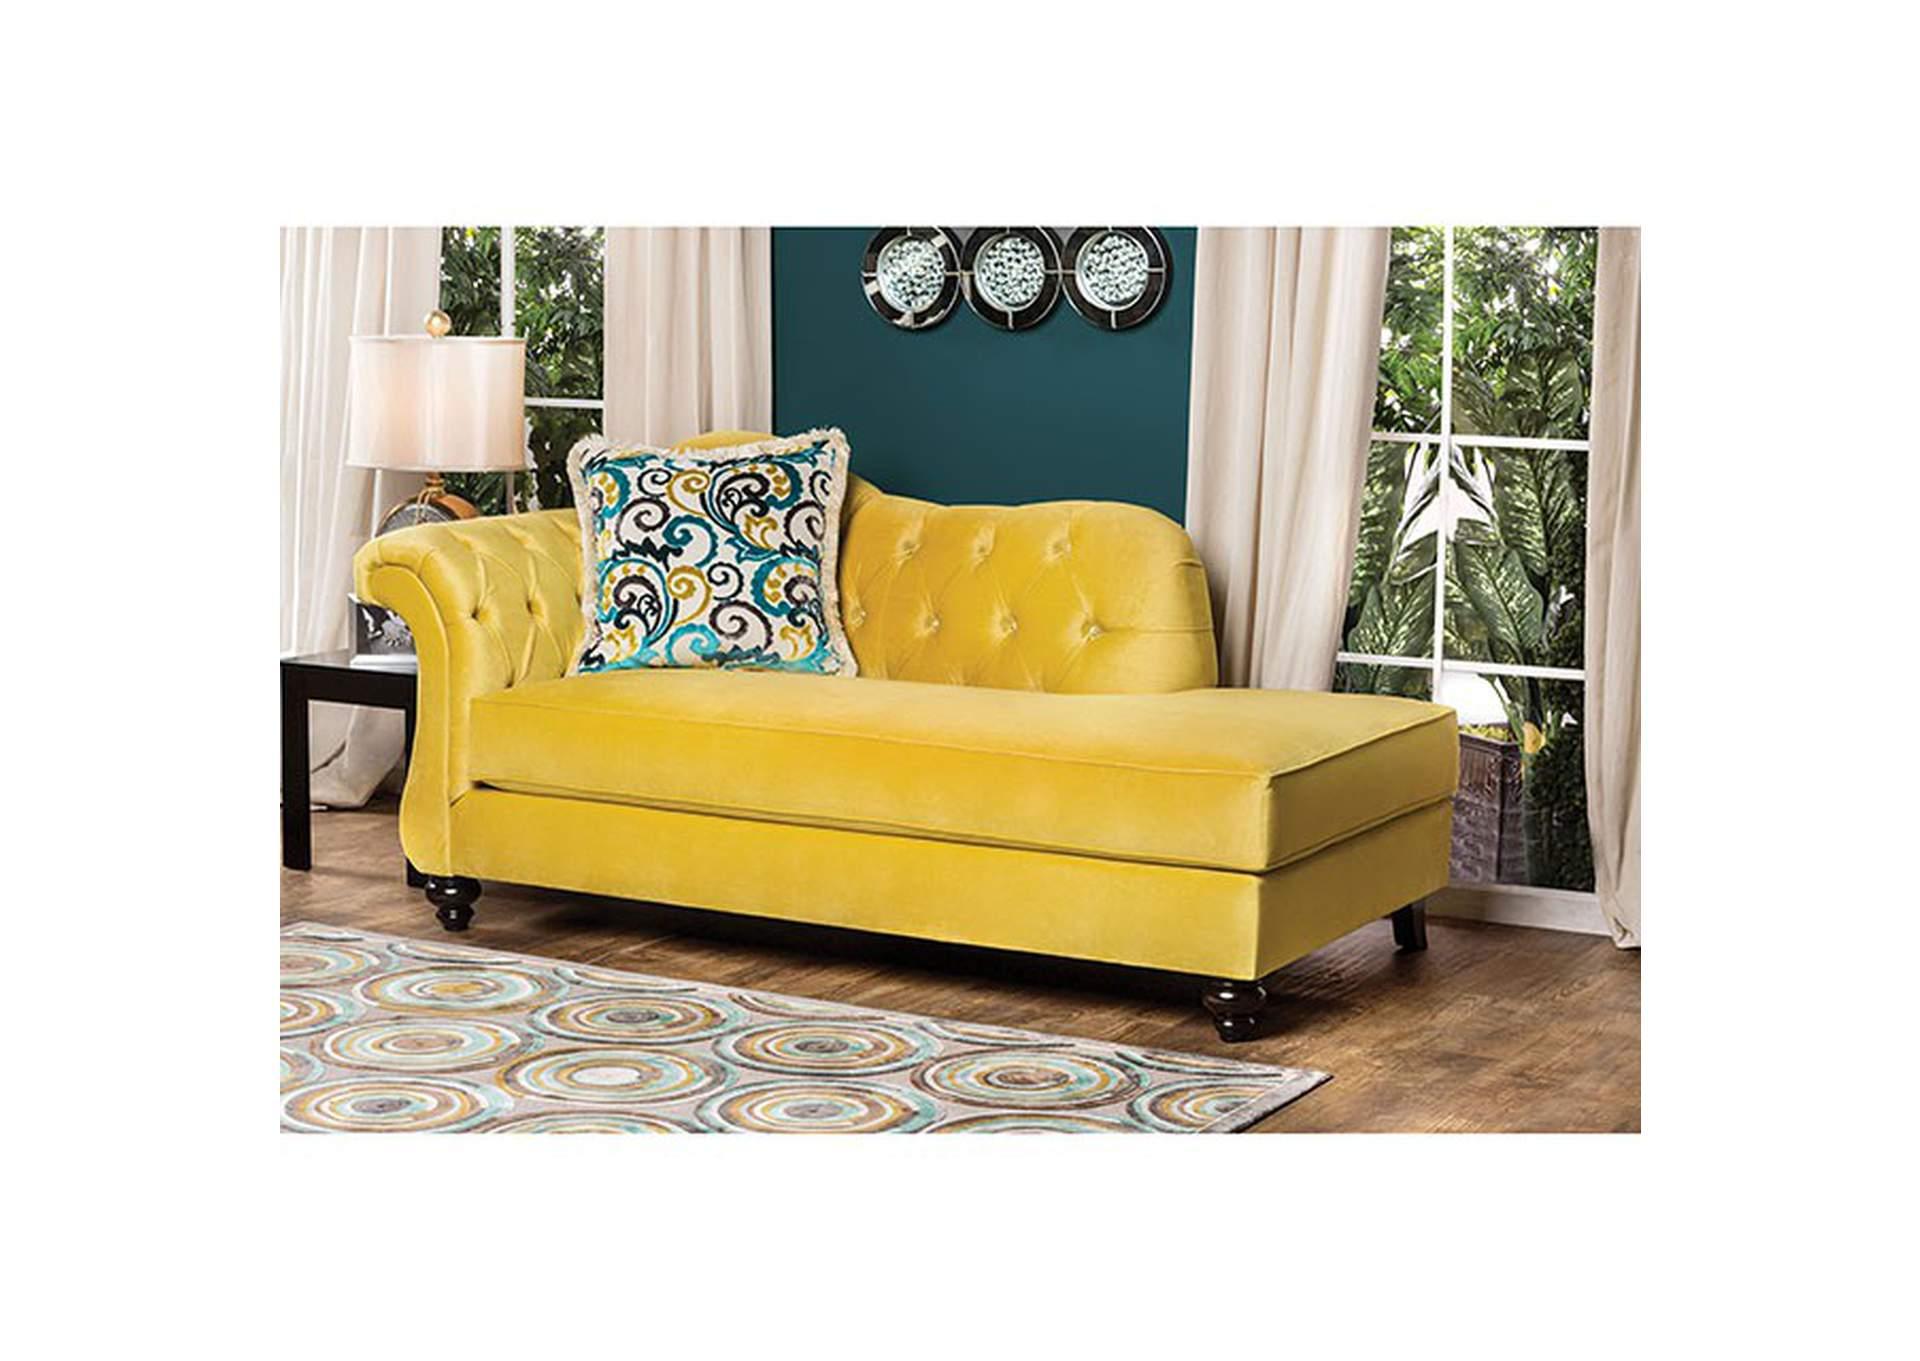 Antoinette Royal Yellow Velvet Chaise W/Pillows,Furniture Of America